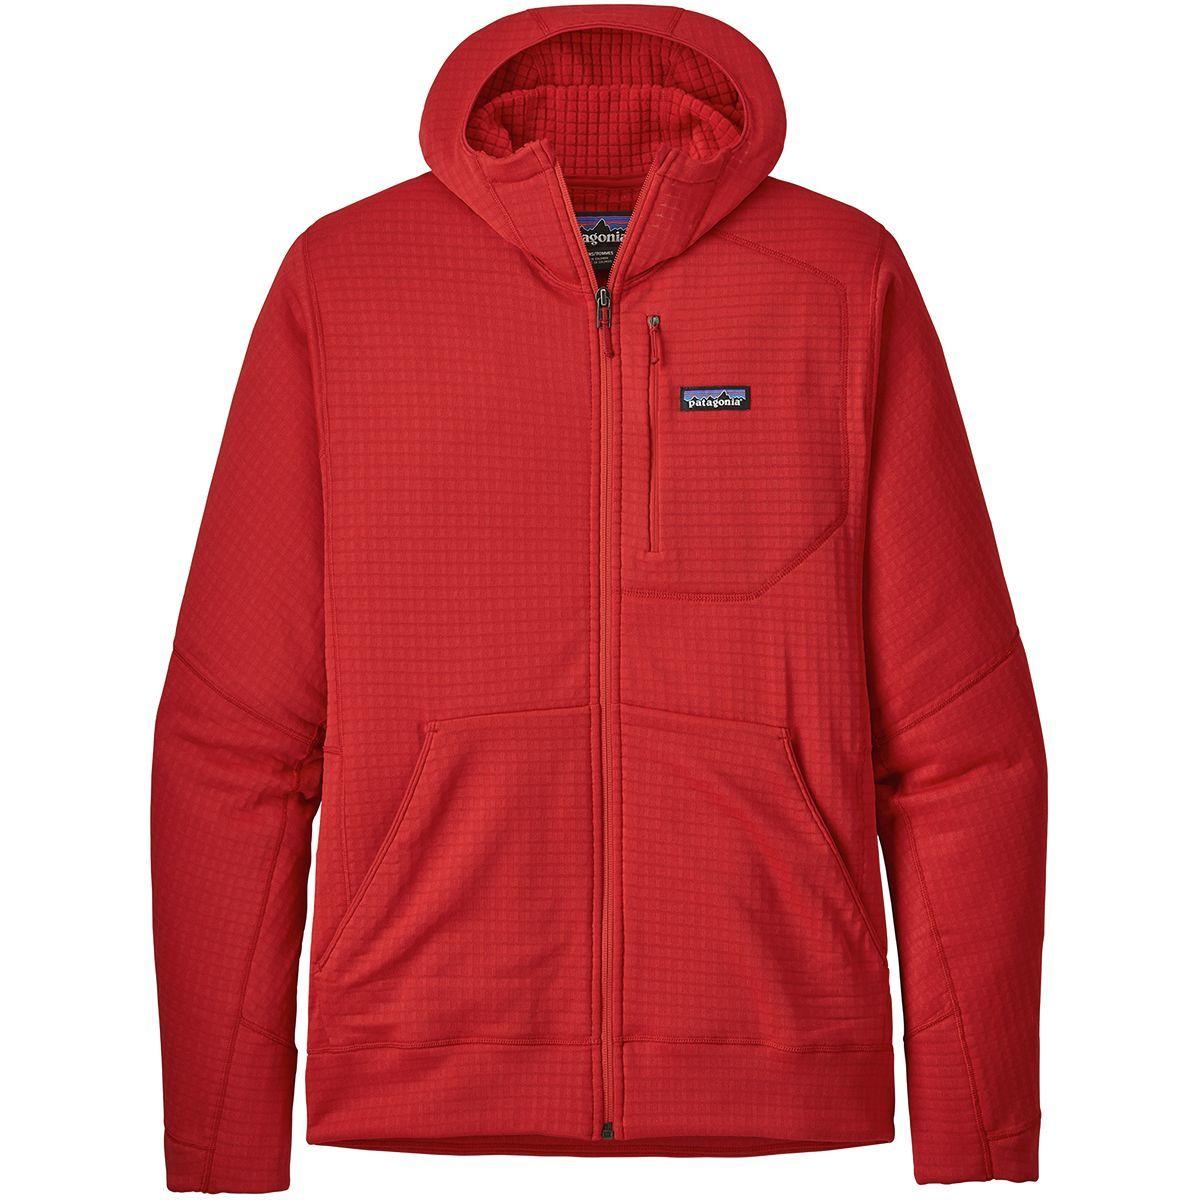 Patagonia R1 Full-Zip Hooded Fleece Jacket - Men's